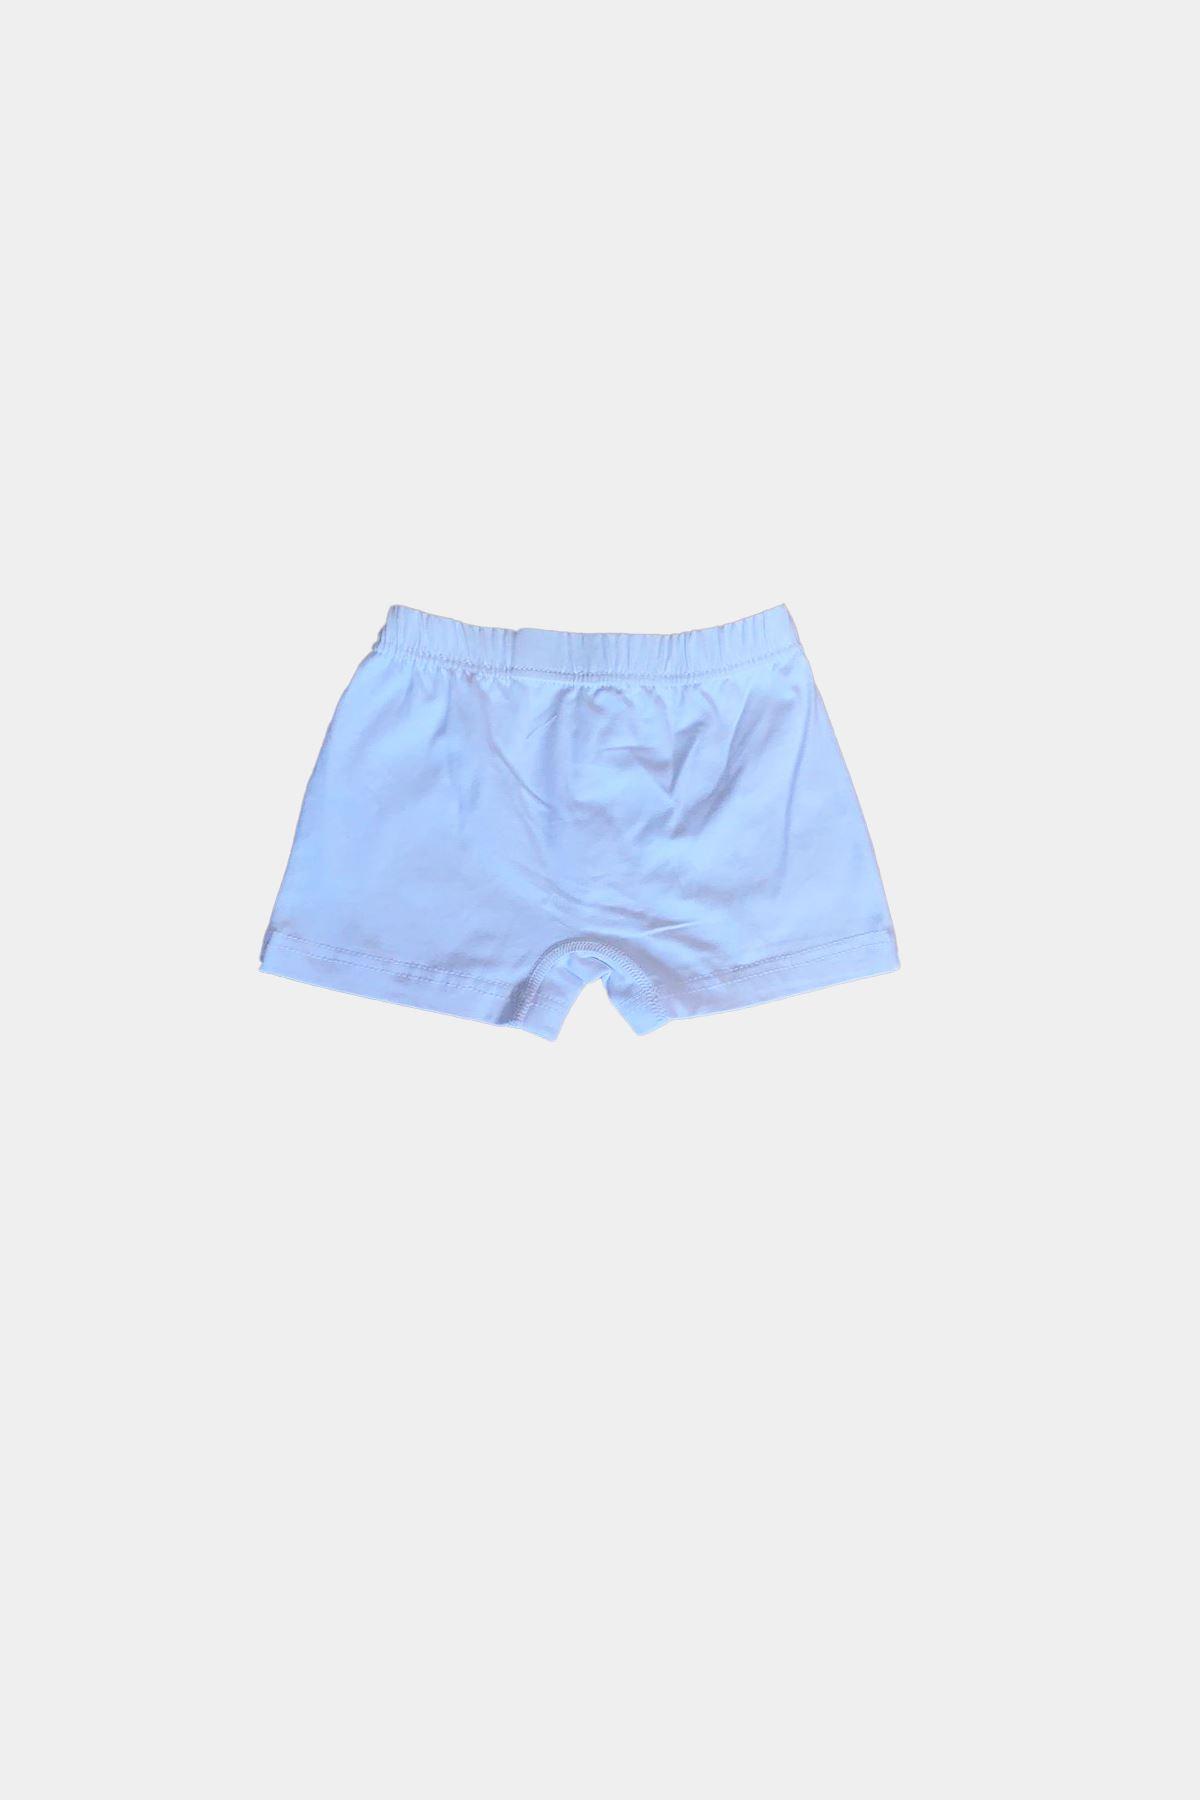 Beyaz Erkek Çocuk Pamuklu Boxer 209